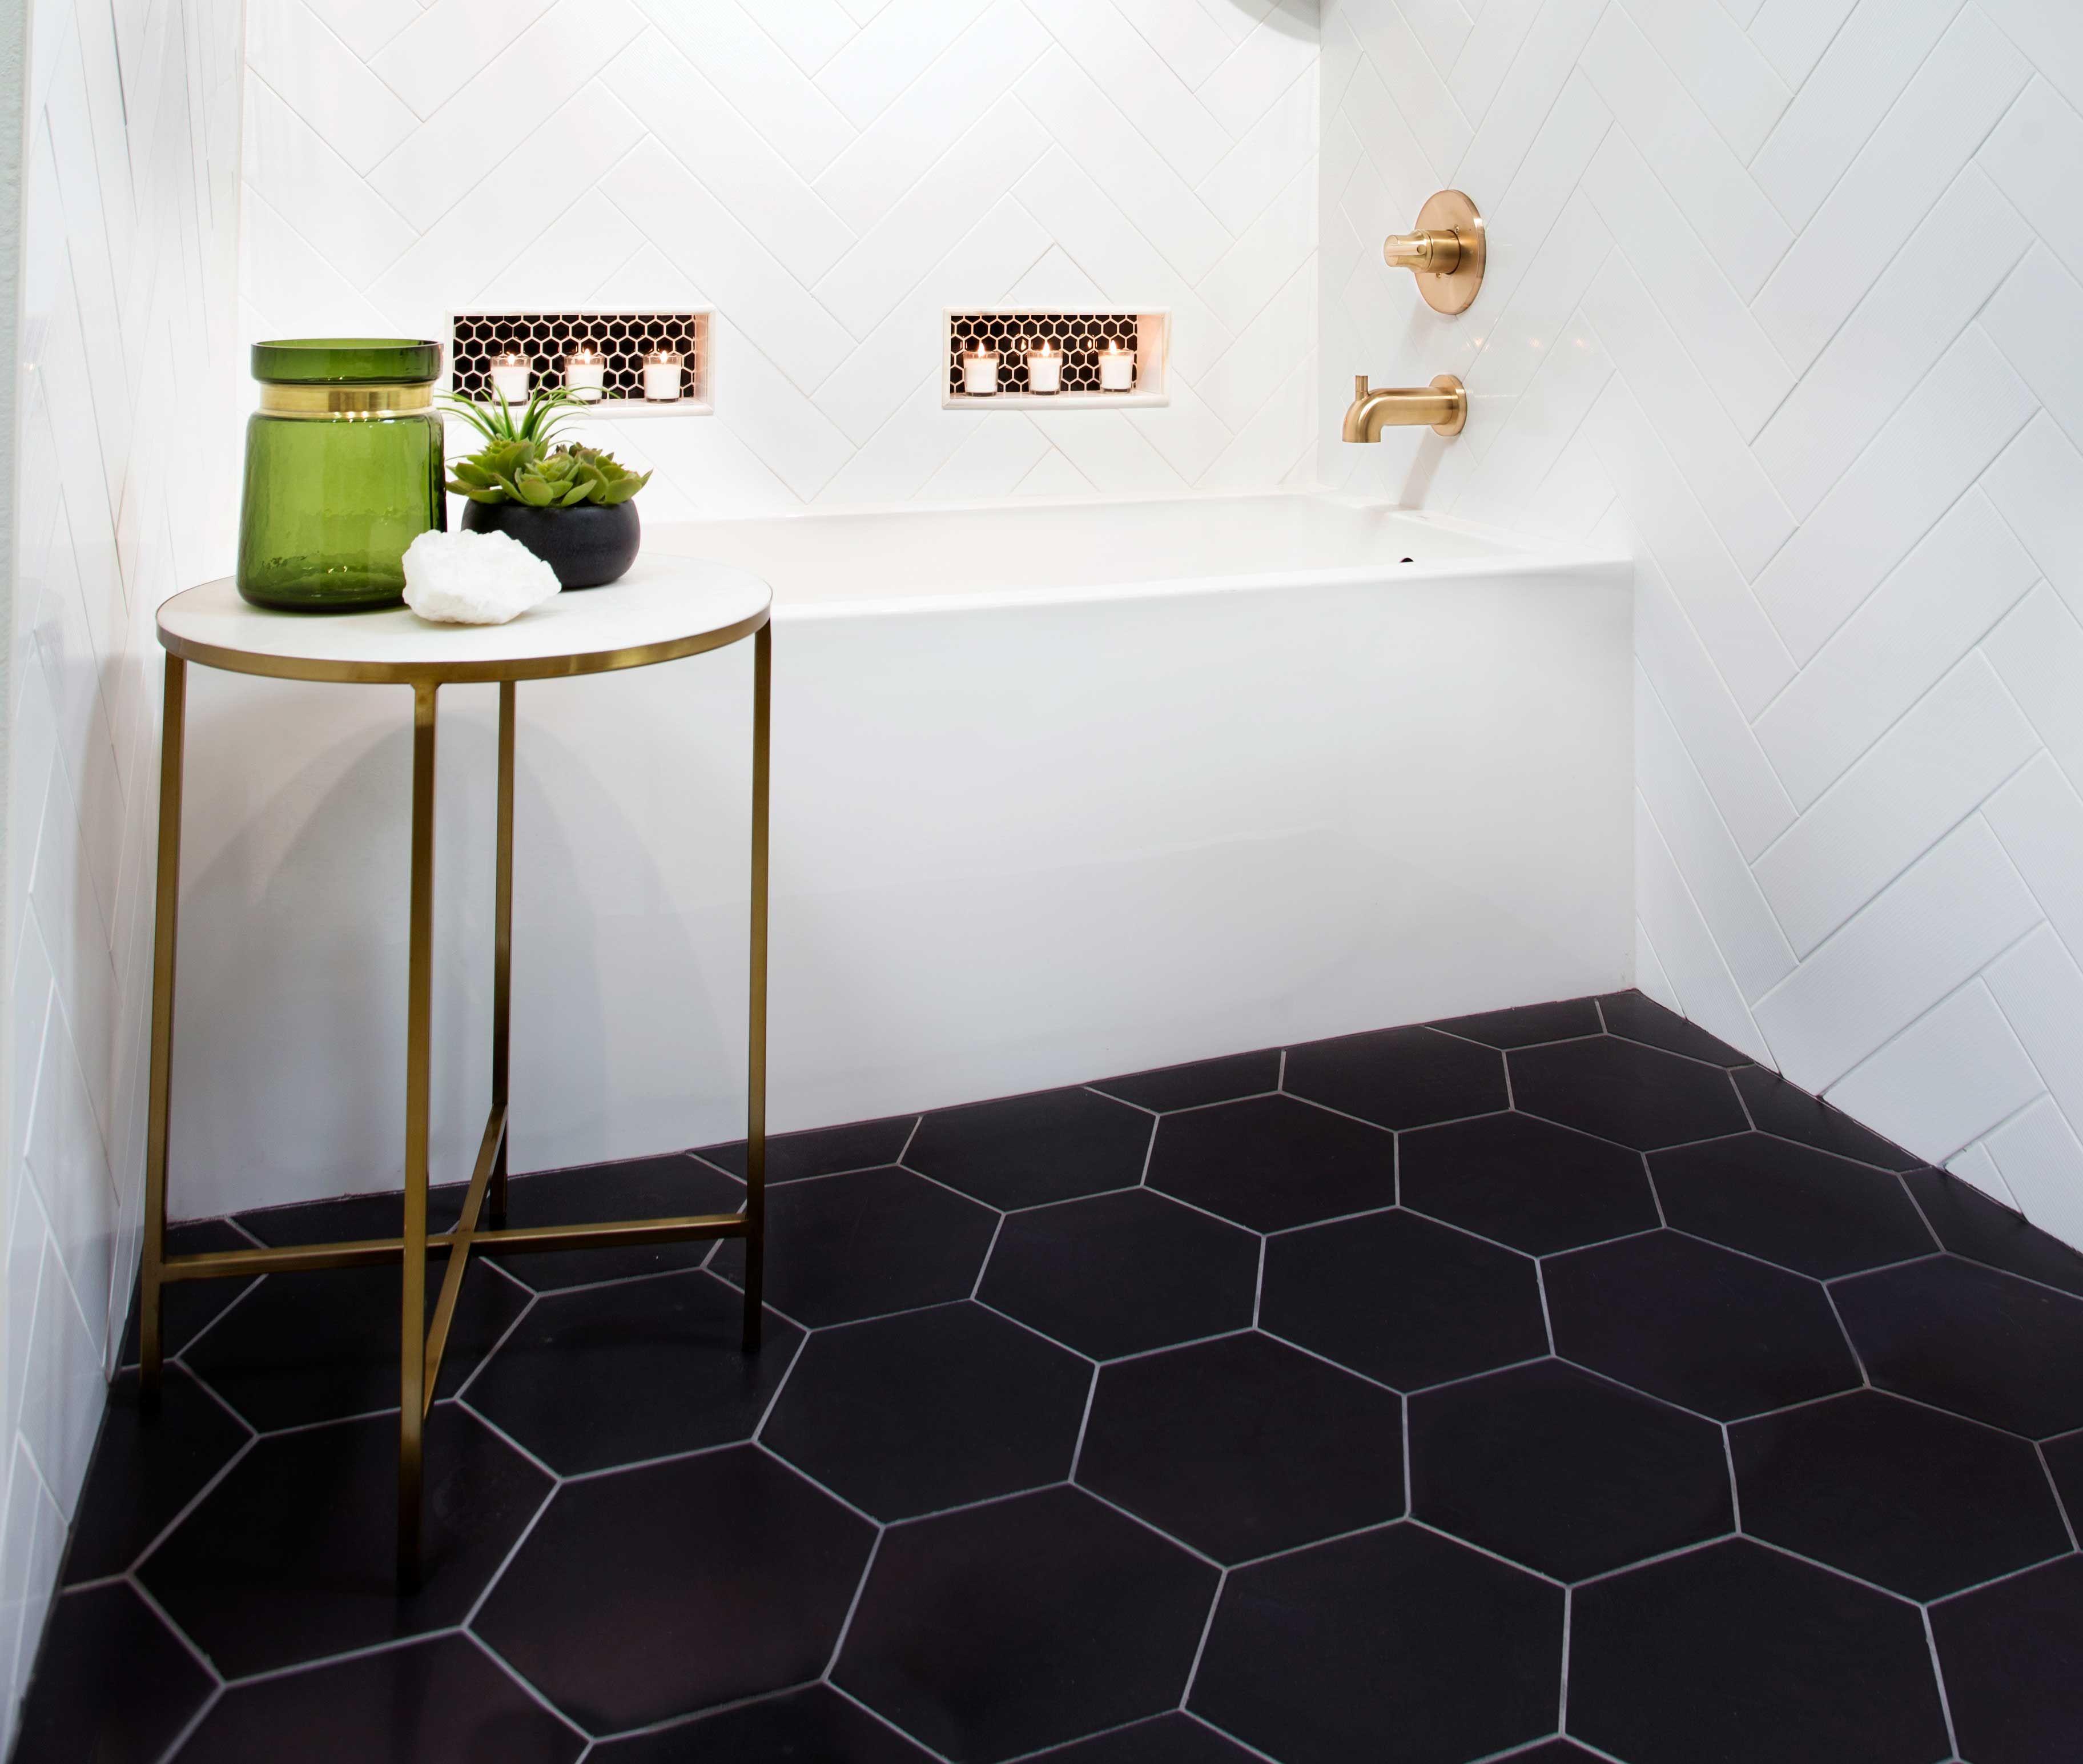 Bathroom Flooring Houzz Black Bathroom Floor Black Tile Bathrooms Black Bathroom Floor Tiles